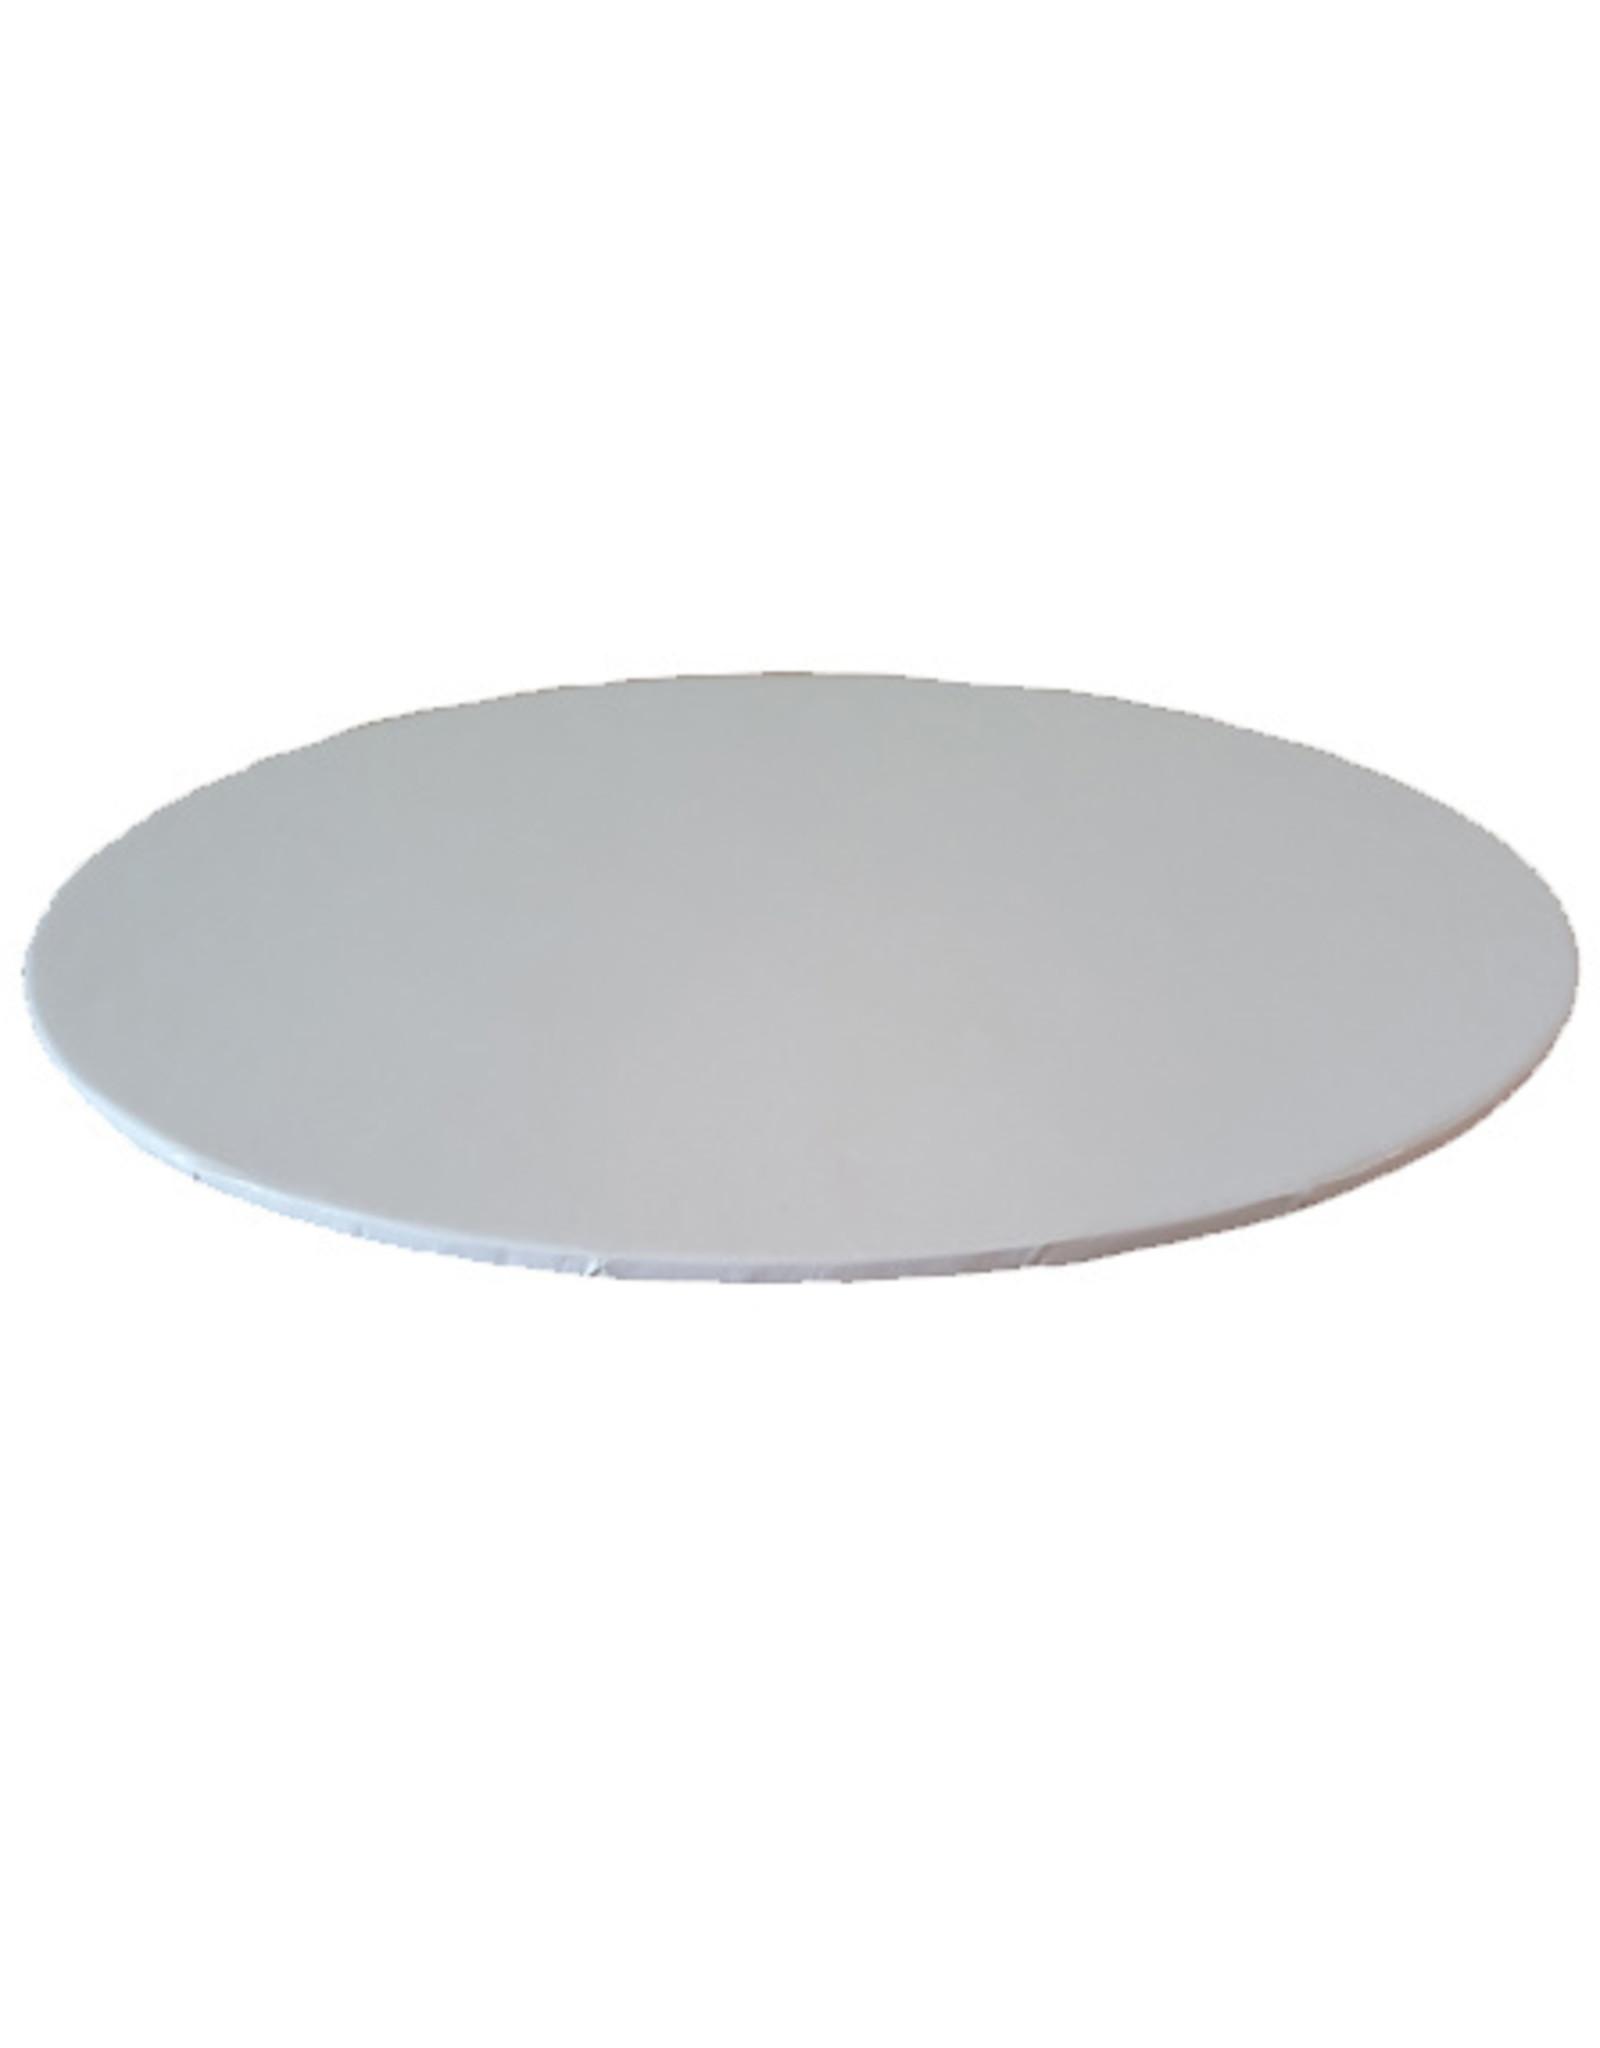 Cakeboards Ø203 mm - wit  (per 20 stuks)